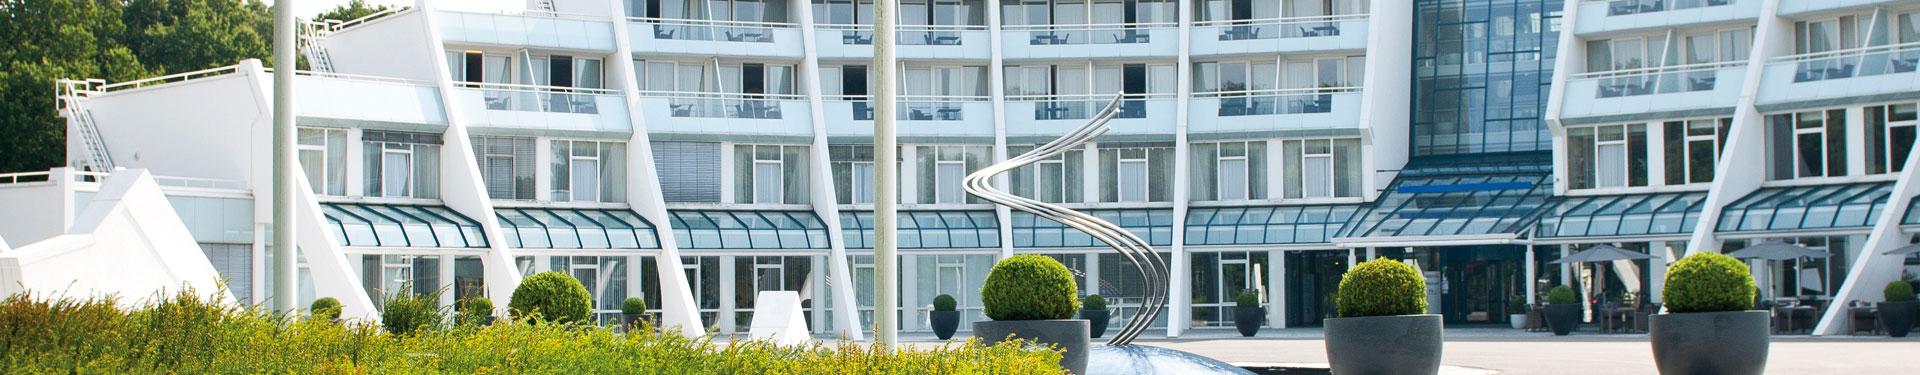 TOP_Hotel-pand-vooraanzicht3_Sanadome